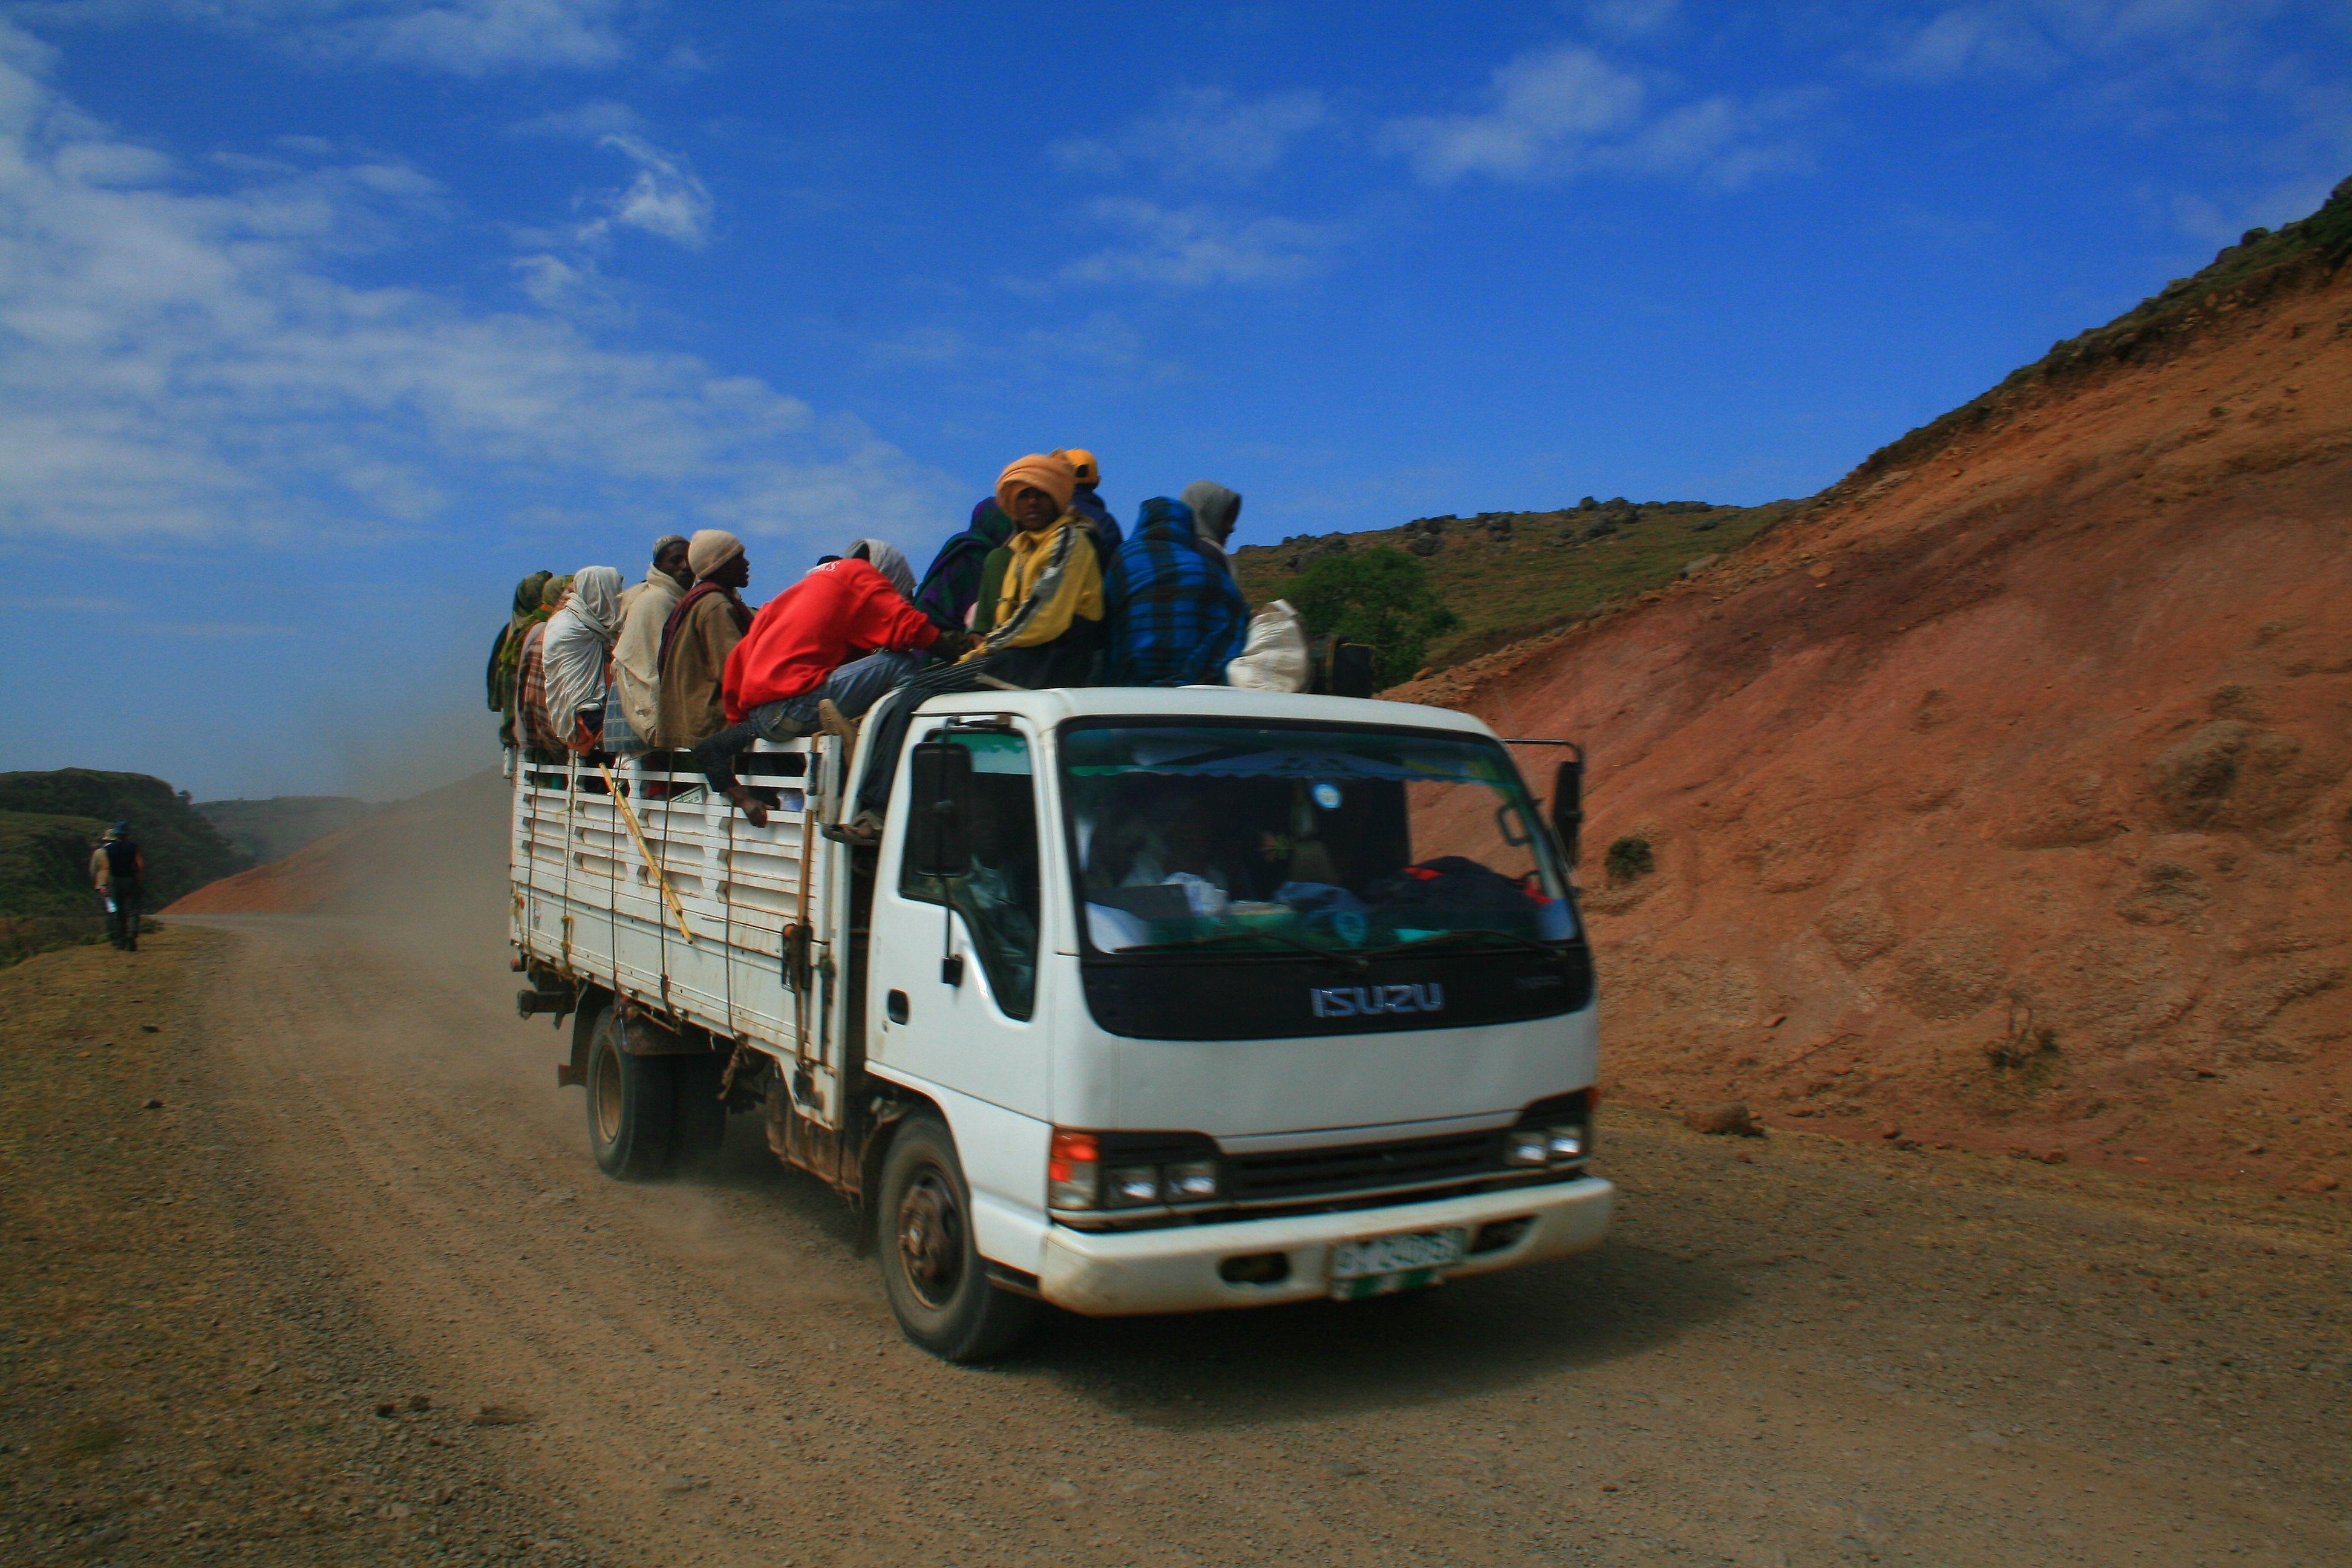 ElMent Fotky z Etiopie » ElMent